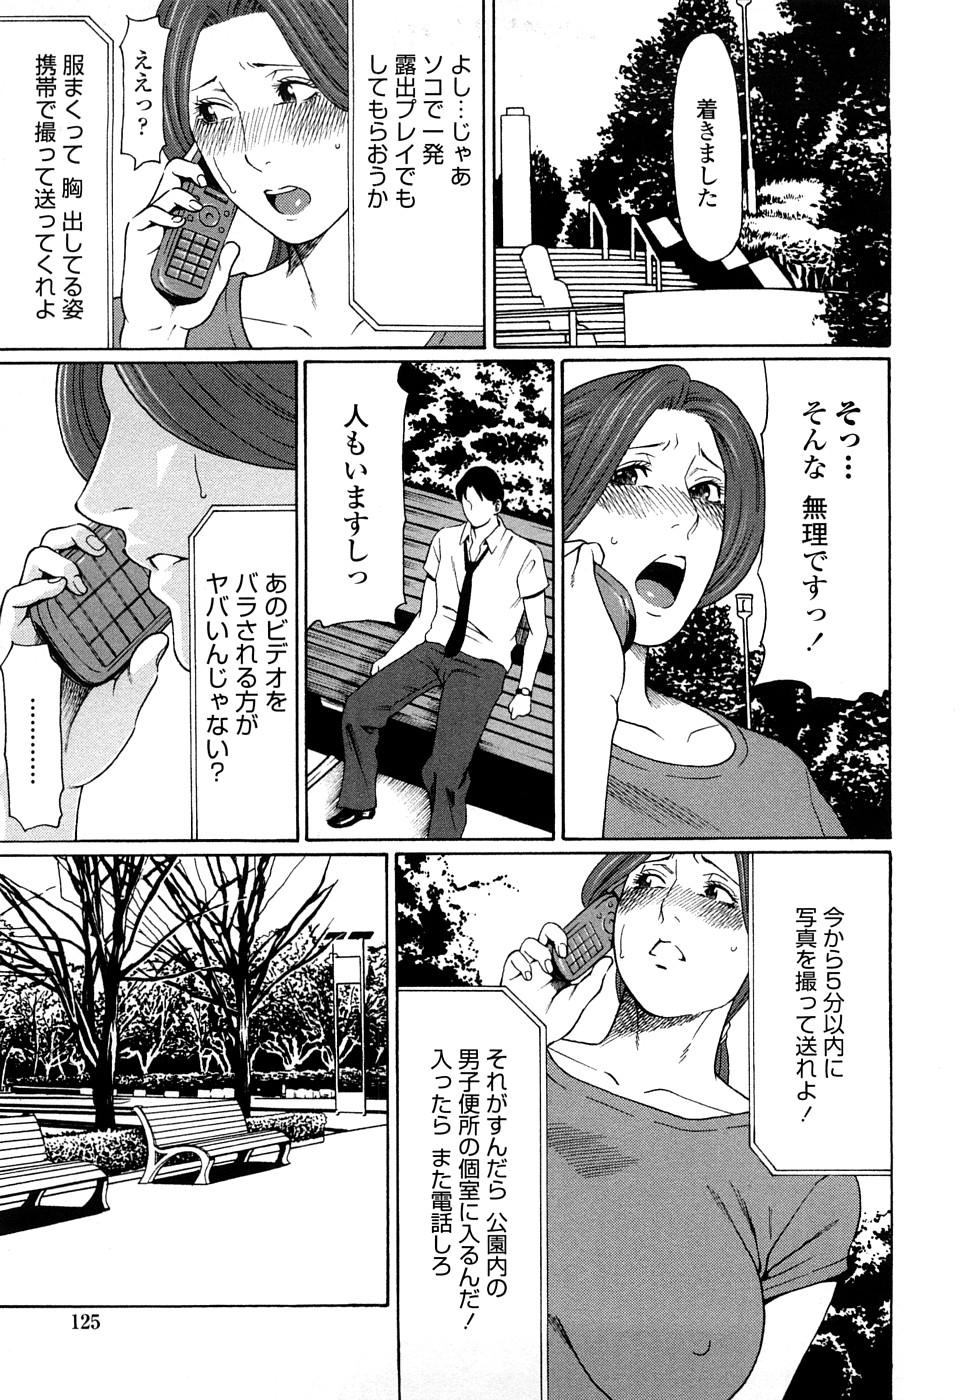 Etsuraku no Tobira - The Door of Sexual Pleasure 123